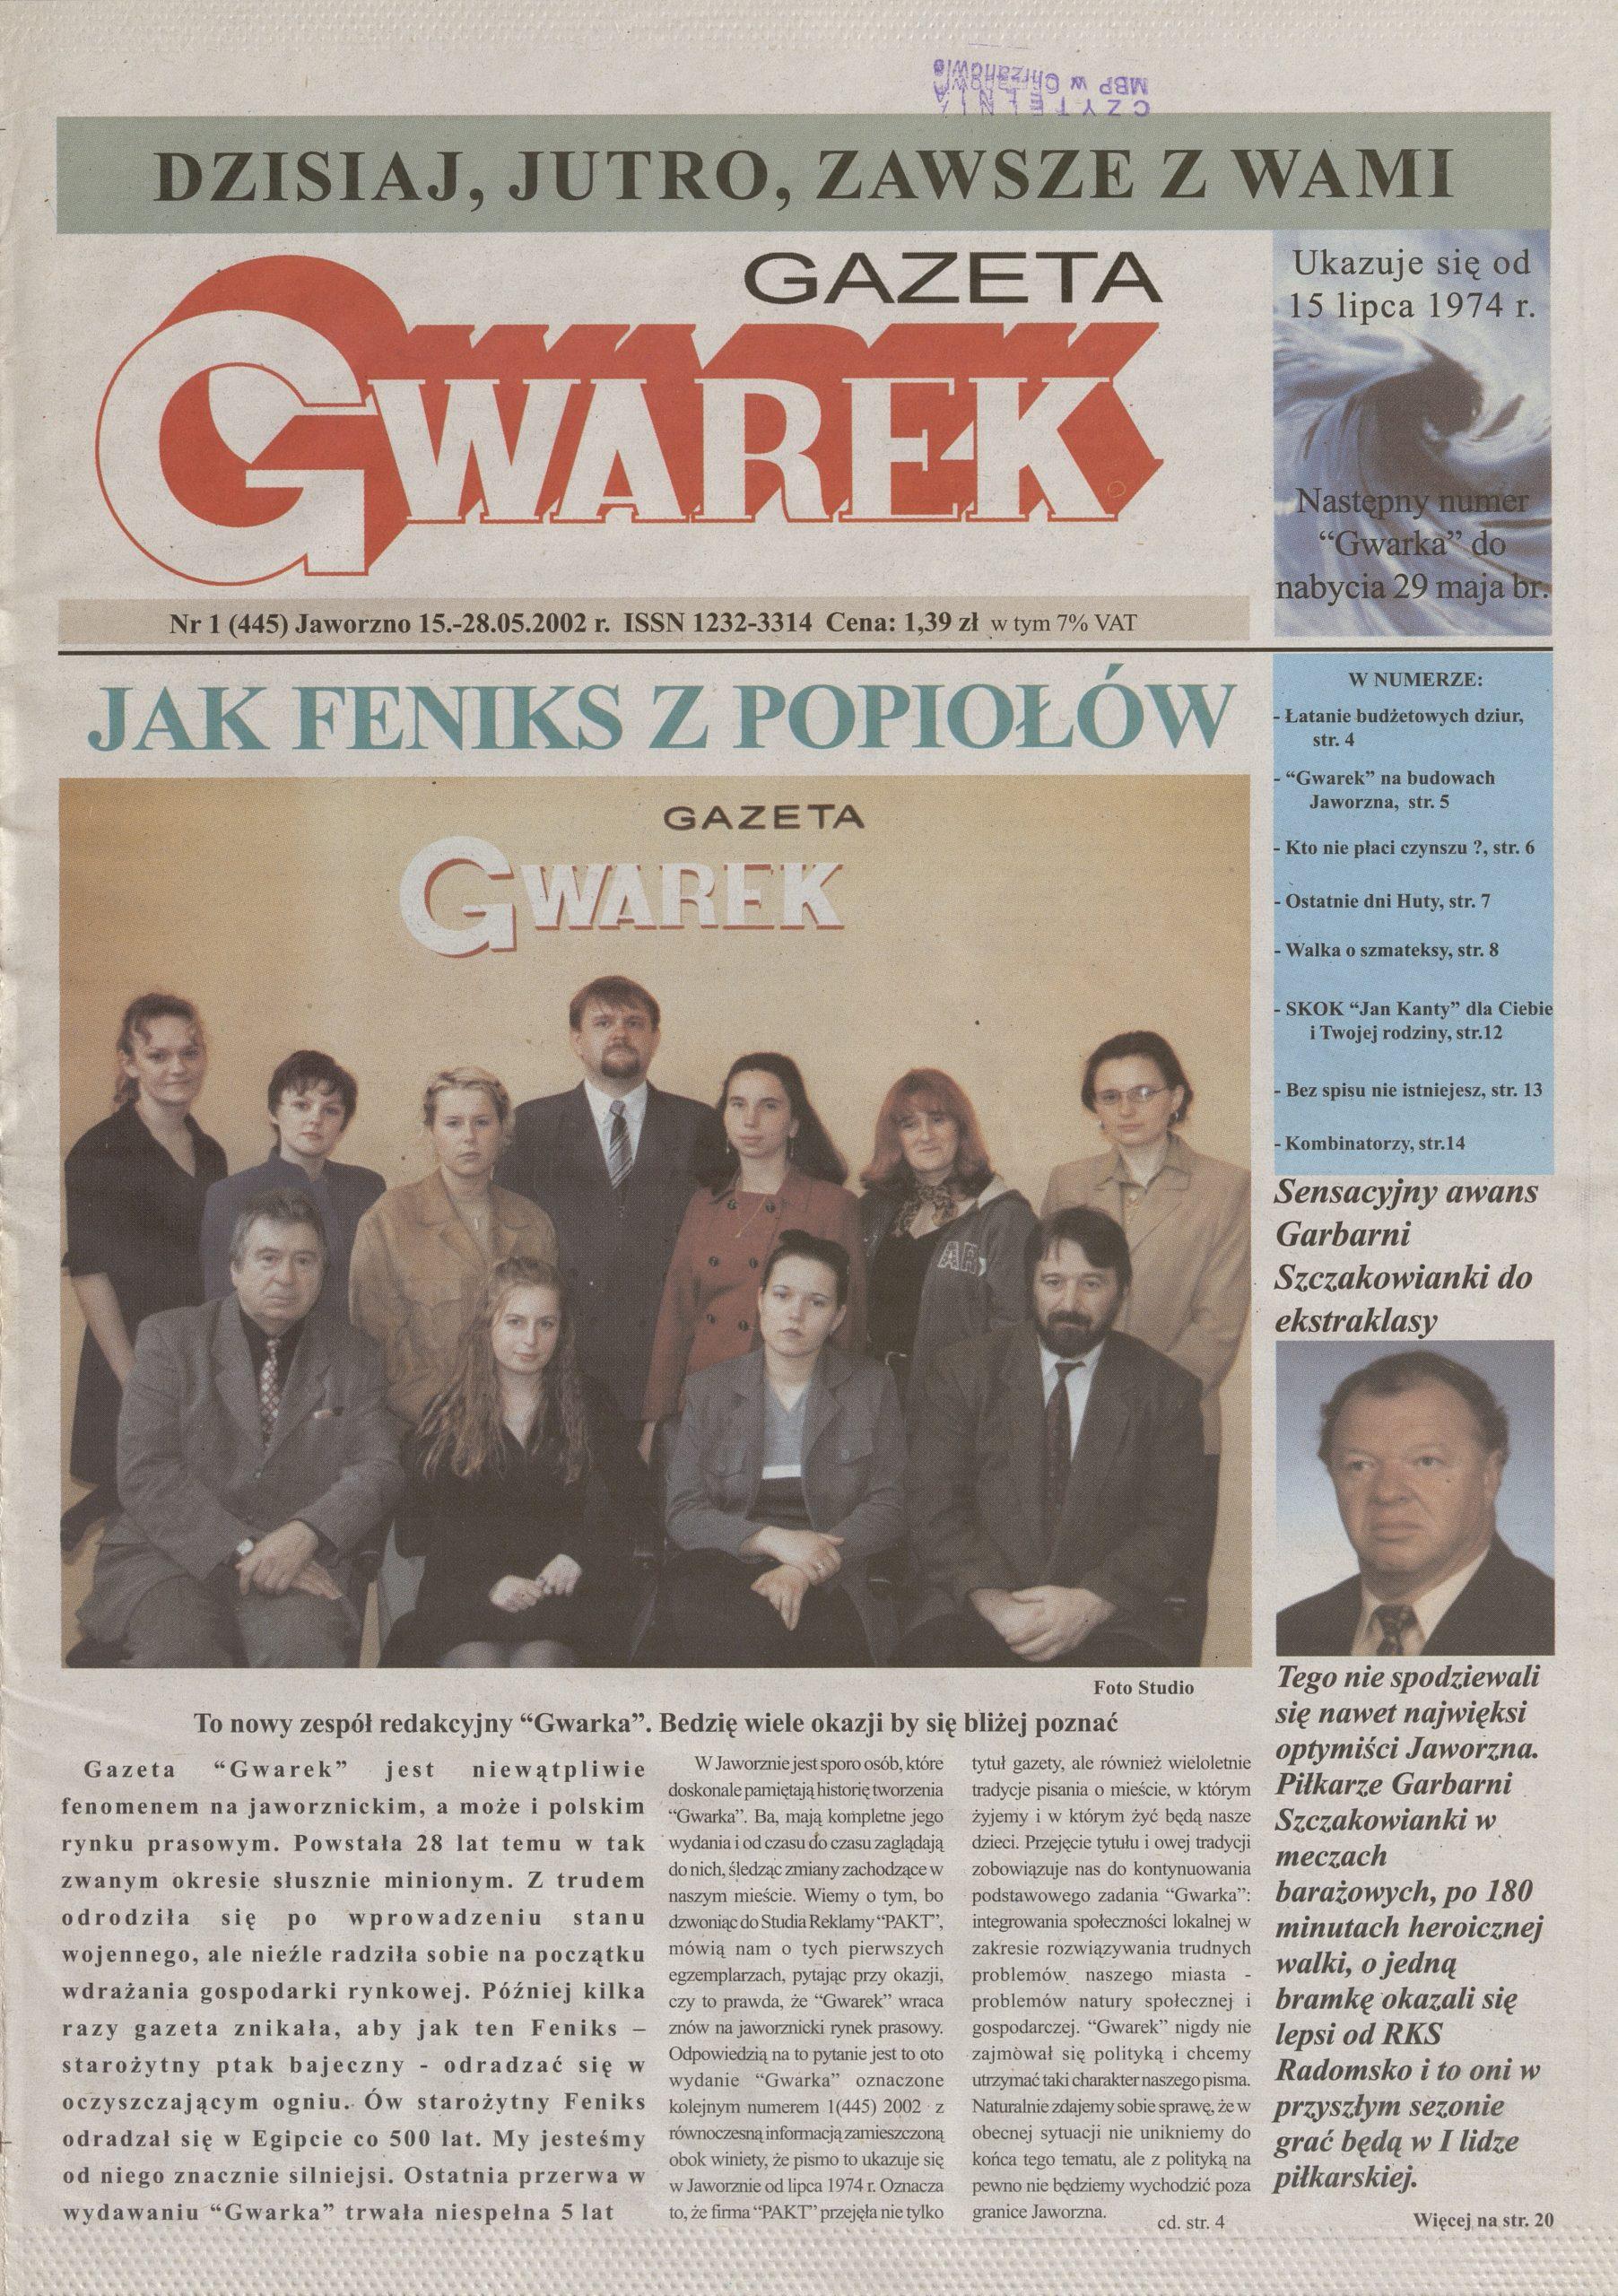 Pierwsza strona czasopisma Gwarek